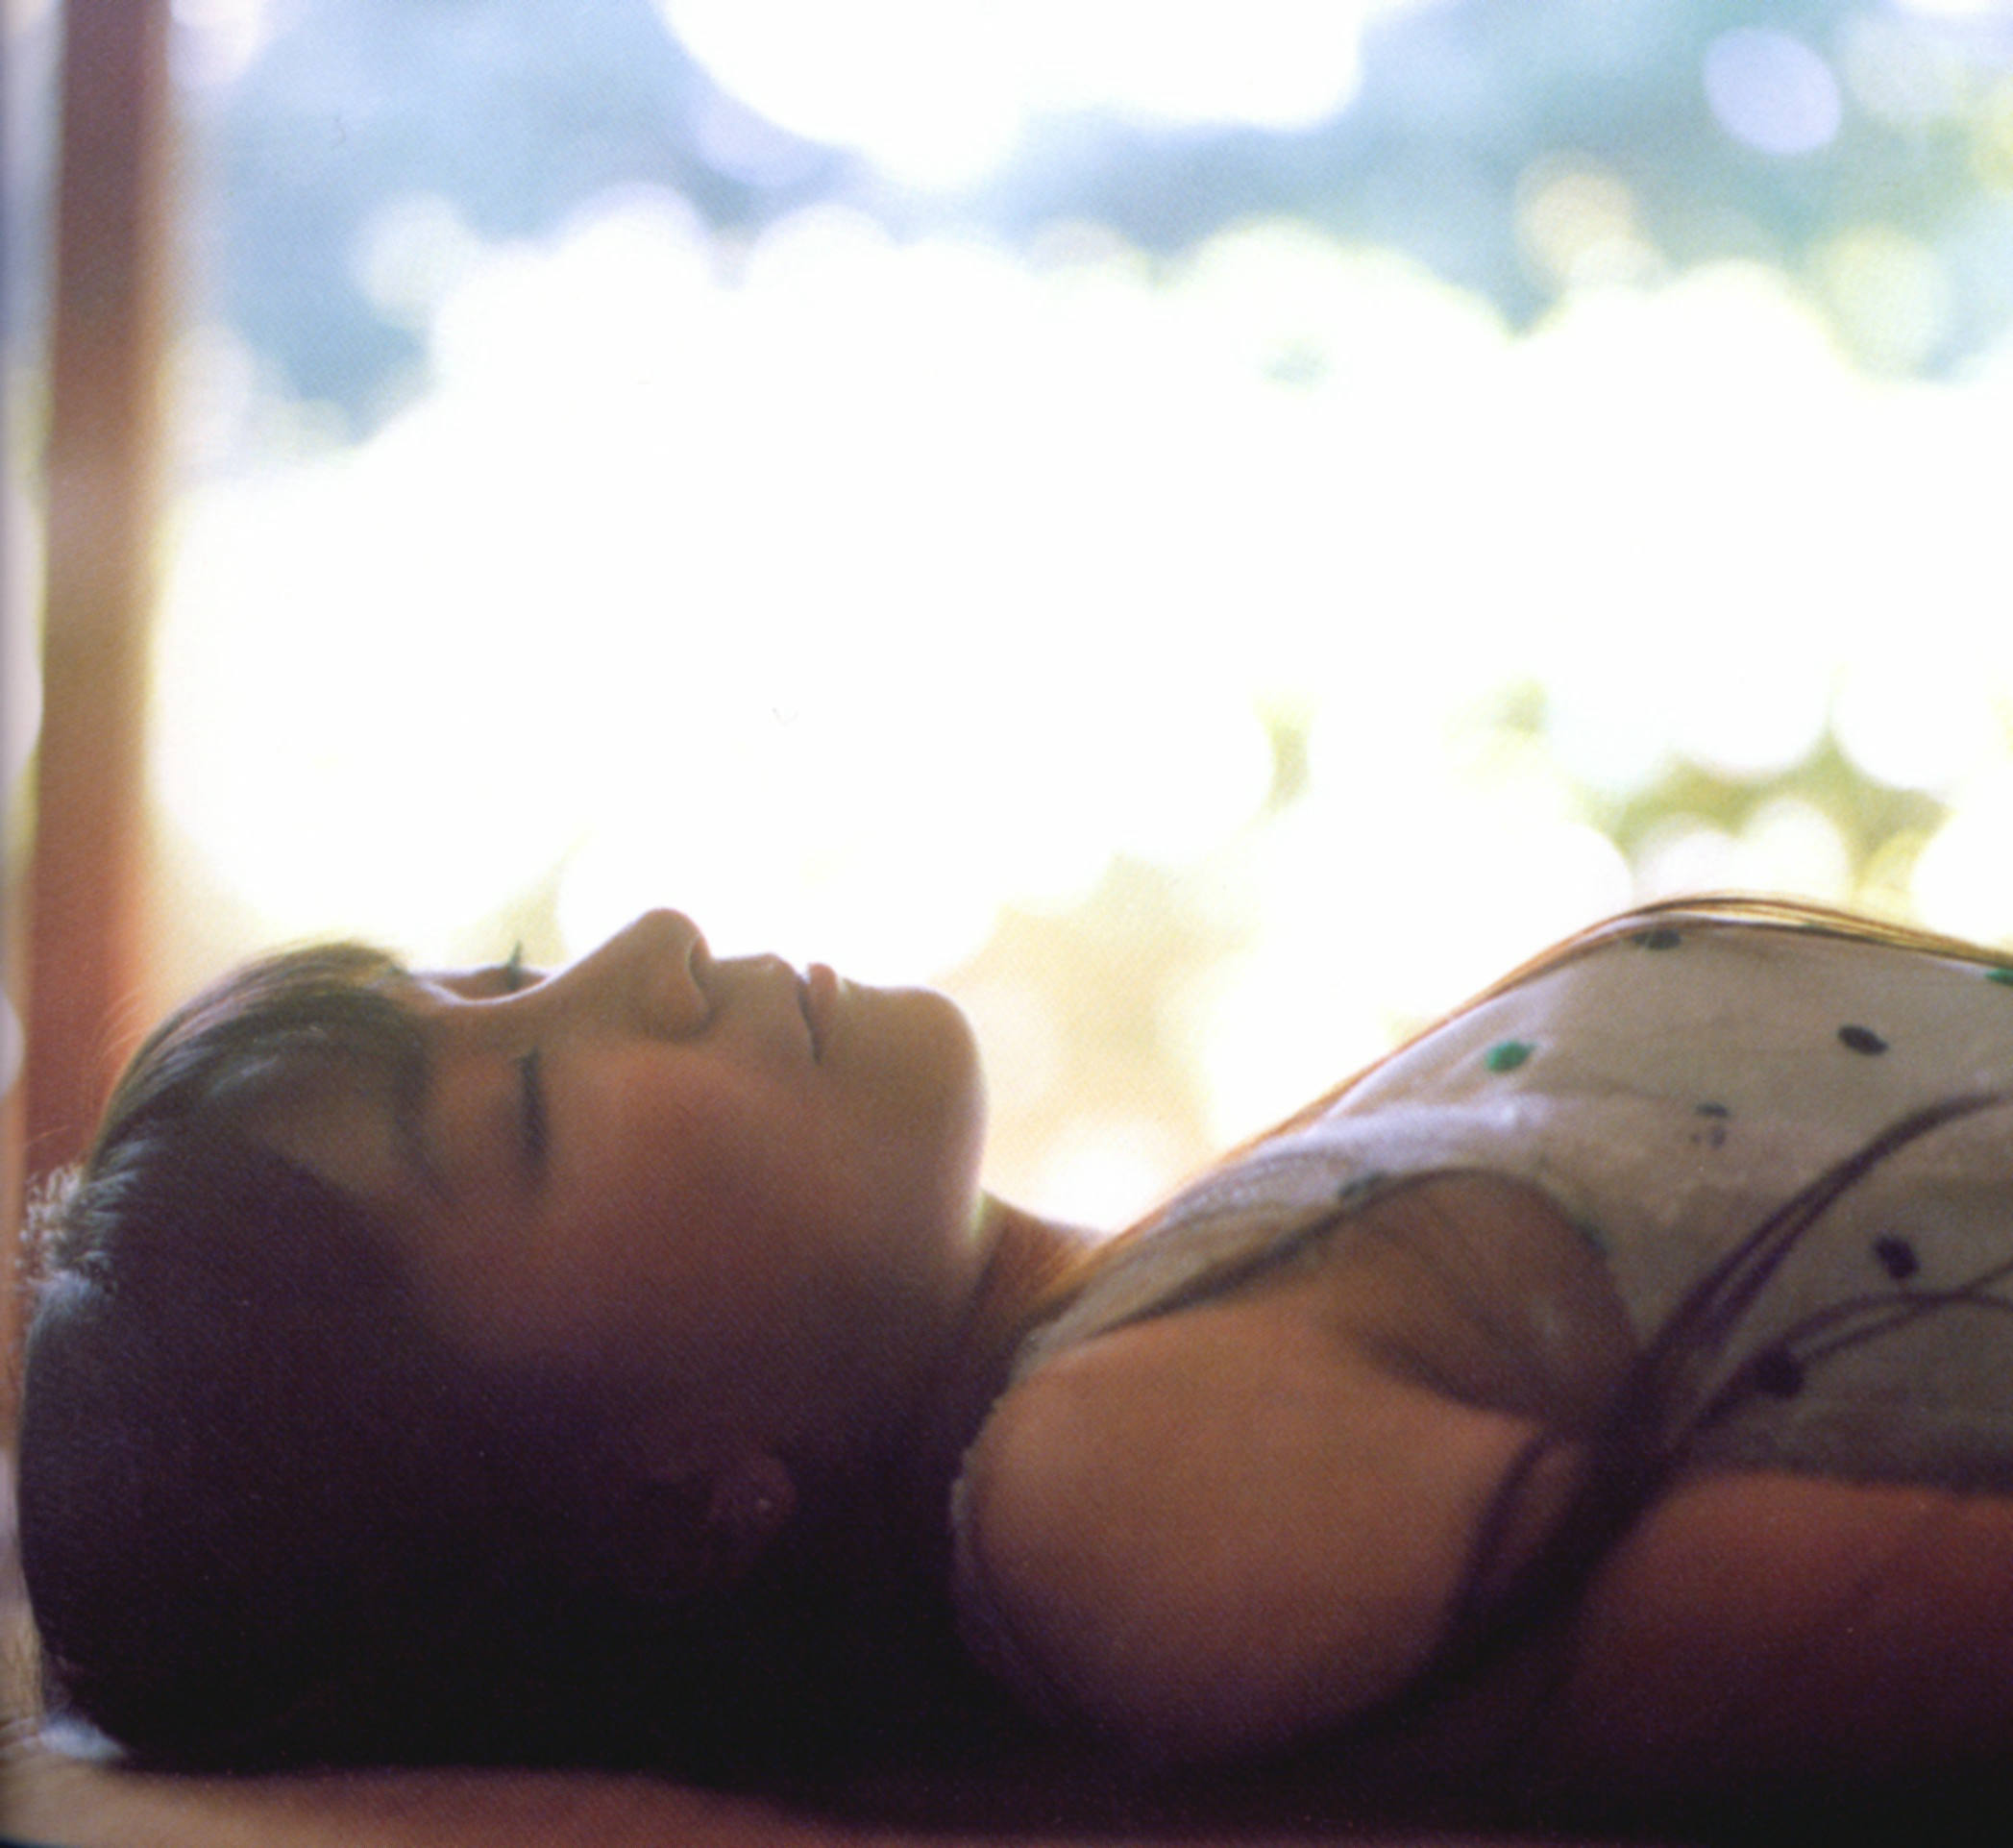 【天使】堀江由衣とセックス!【永遠の17歳】YouTube動画>6本 ニコニコ動画>1本 ->画像>318枚